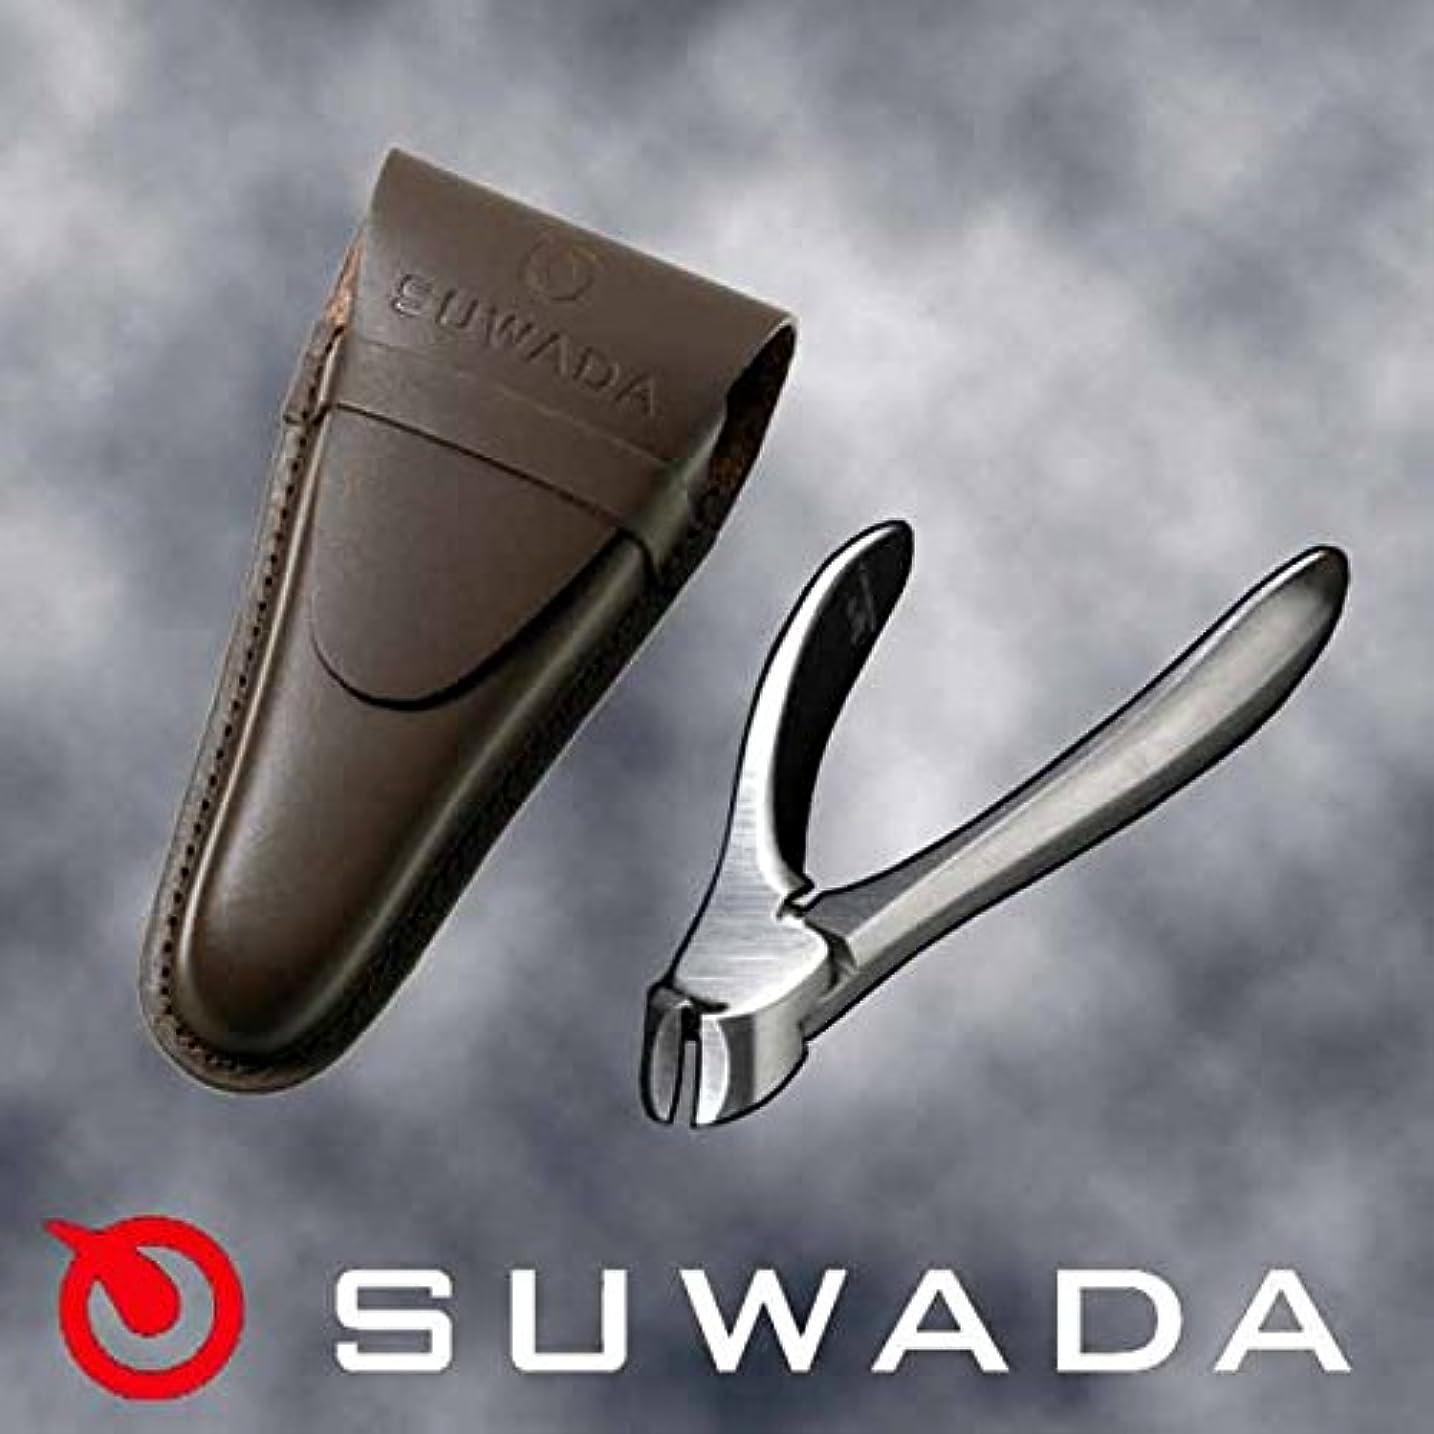 原始的な複雑でないサミュエルSUWADA爪切りクラシックベビー&ブラウン(茶)革ケースセット 特注モデル 諏訪田製作所製 スワダの爪切り